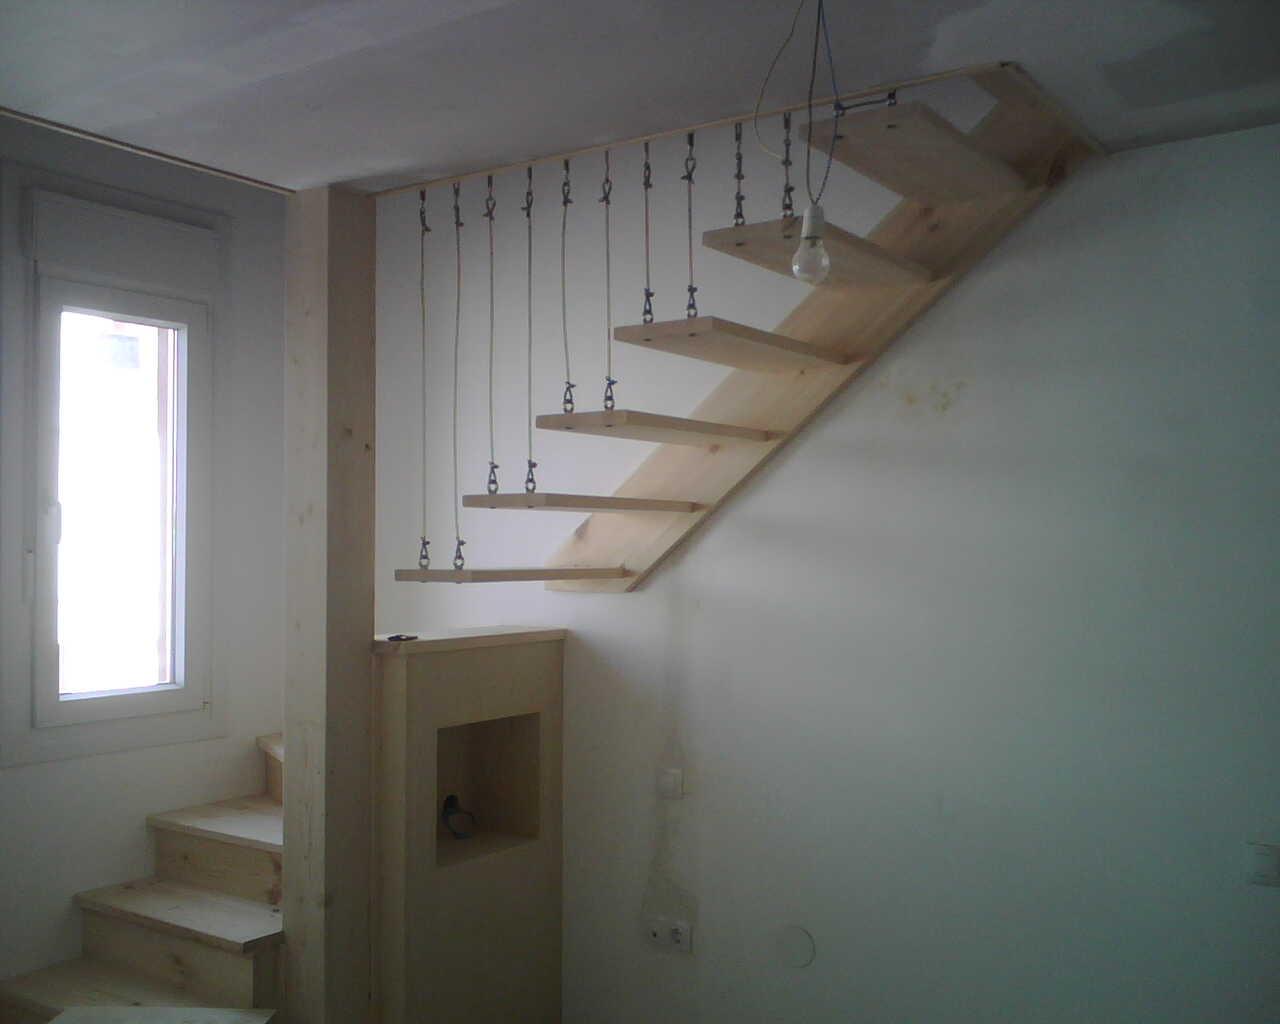 Escalera colgante grupo arciniega - Escaleras con peldanos de madera ...